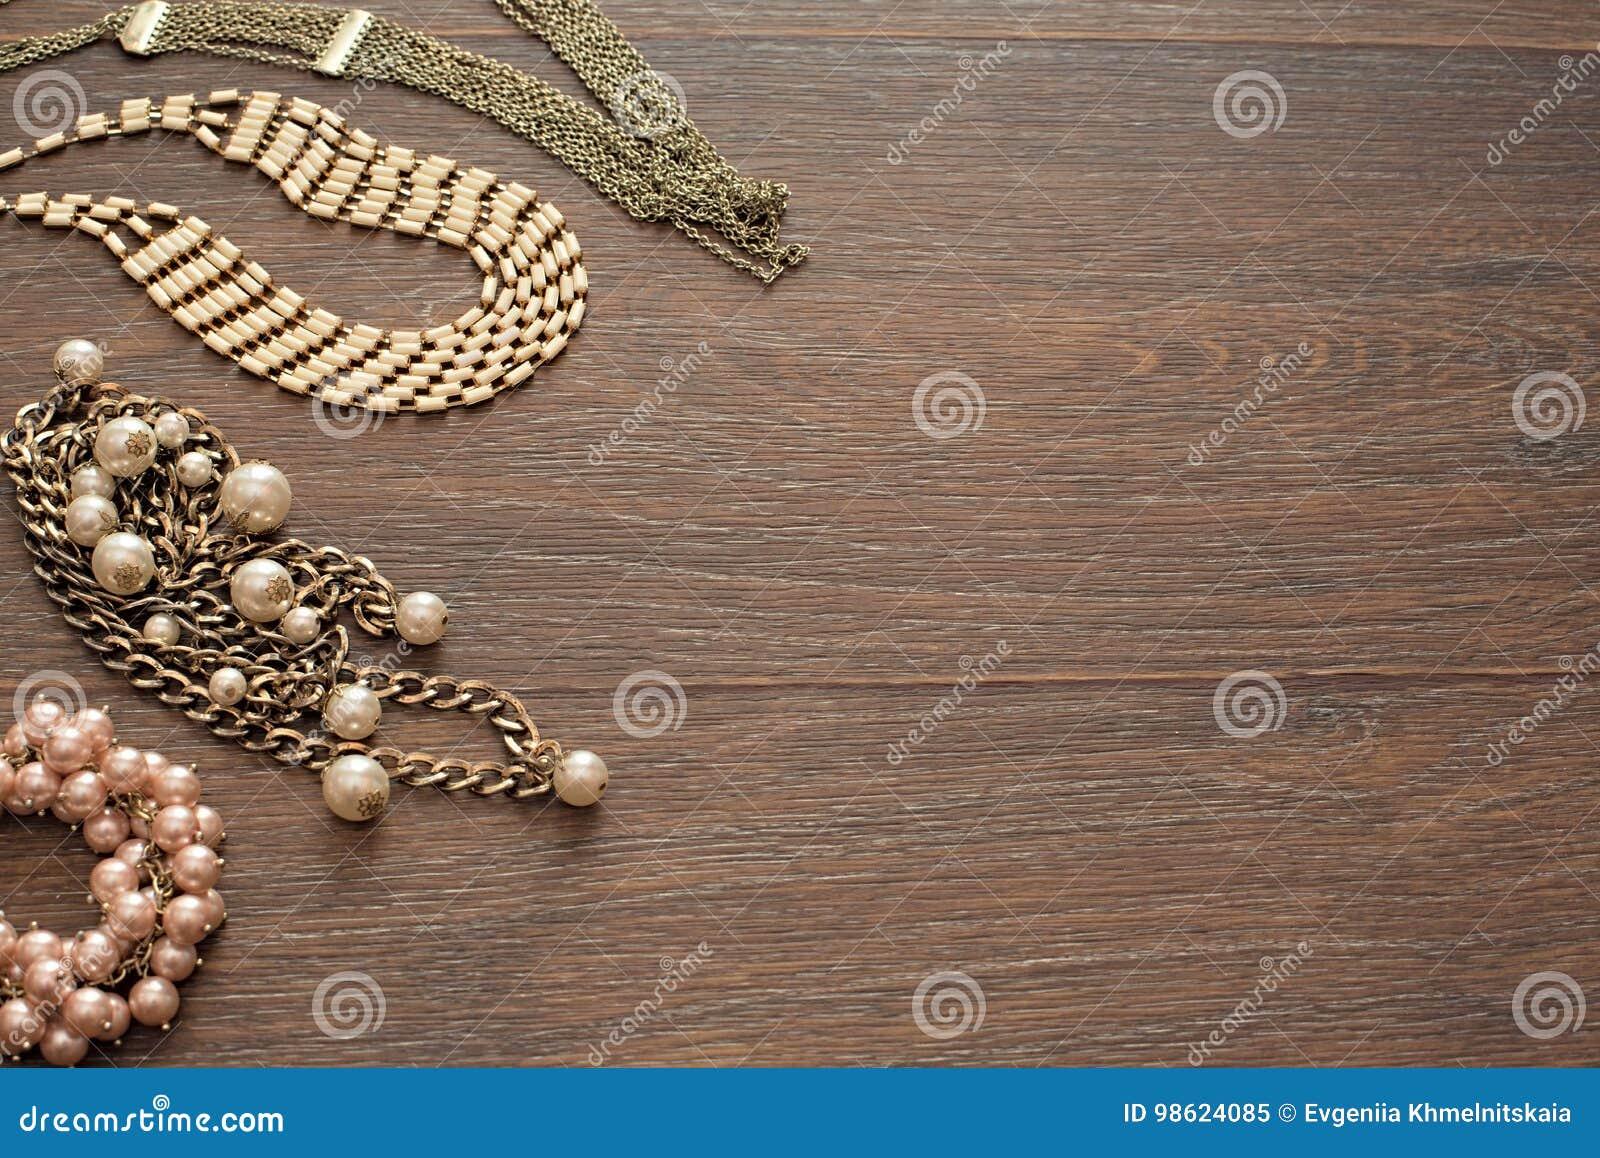 Διακοσμητική σύνθεση του κοσμήματος γυναικών ` s στο ξύλινο σκοτεινό υπόβαθρο